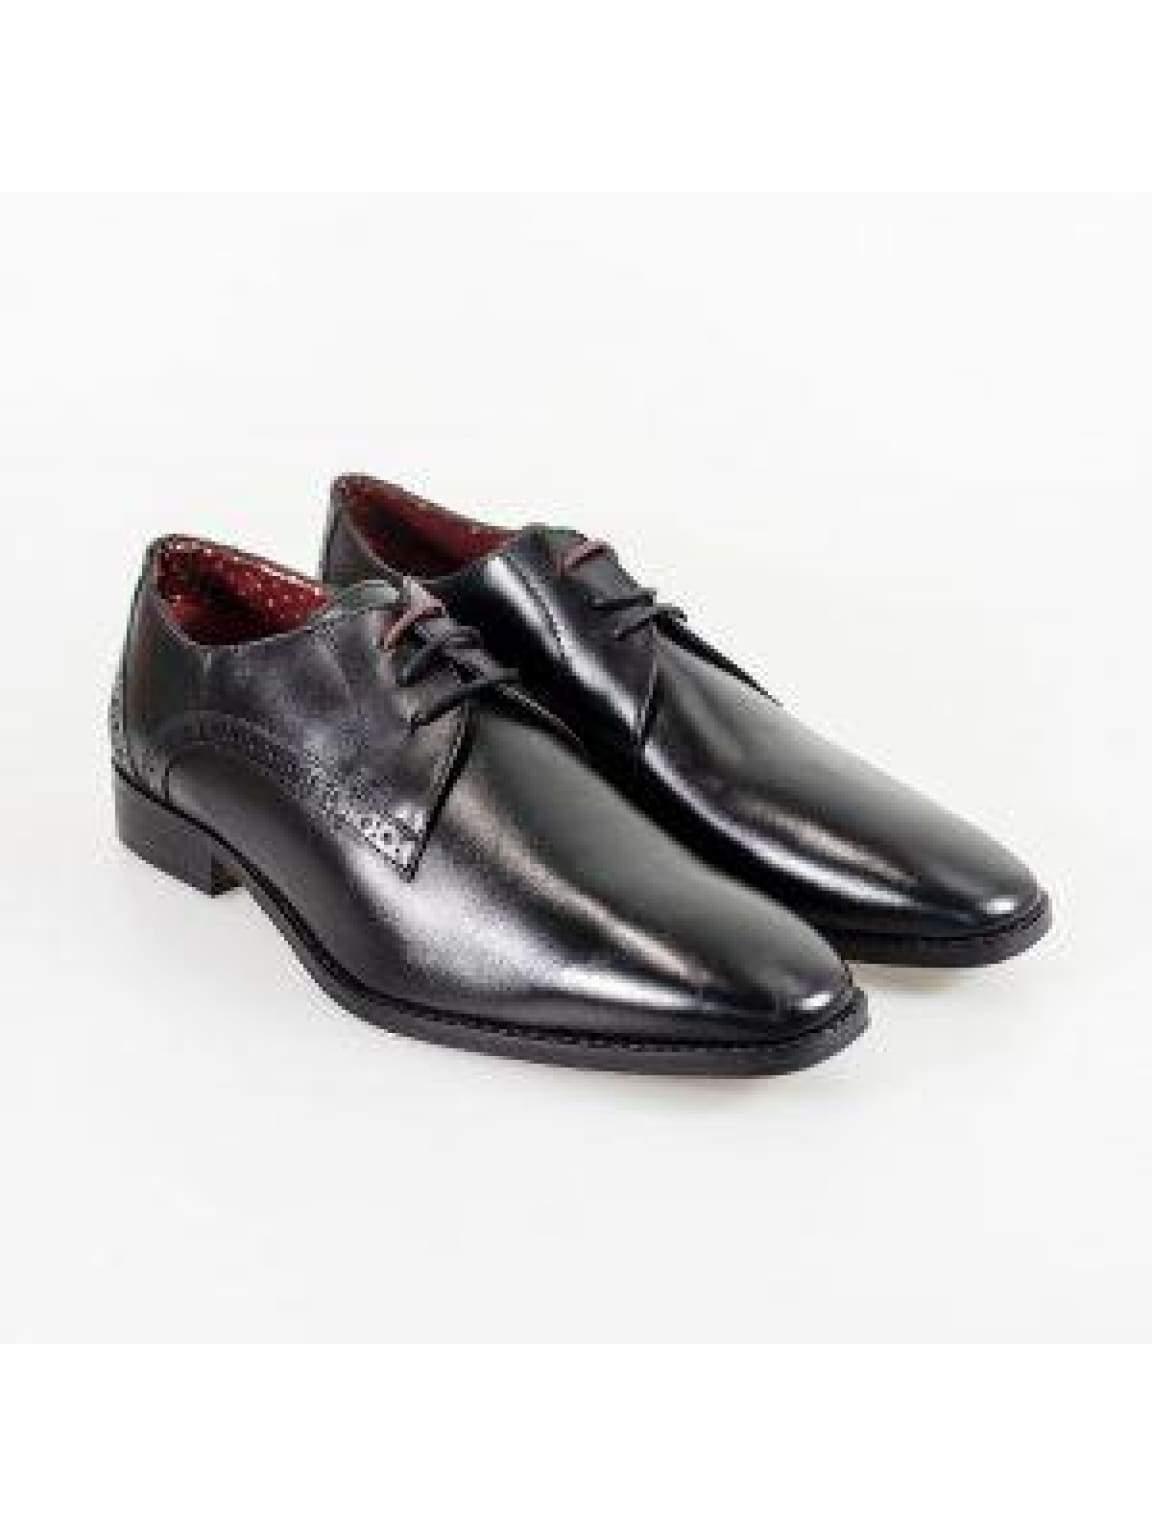 Cavani John Black Mens Leather Shoes - UK7 | EU41 - Shoes